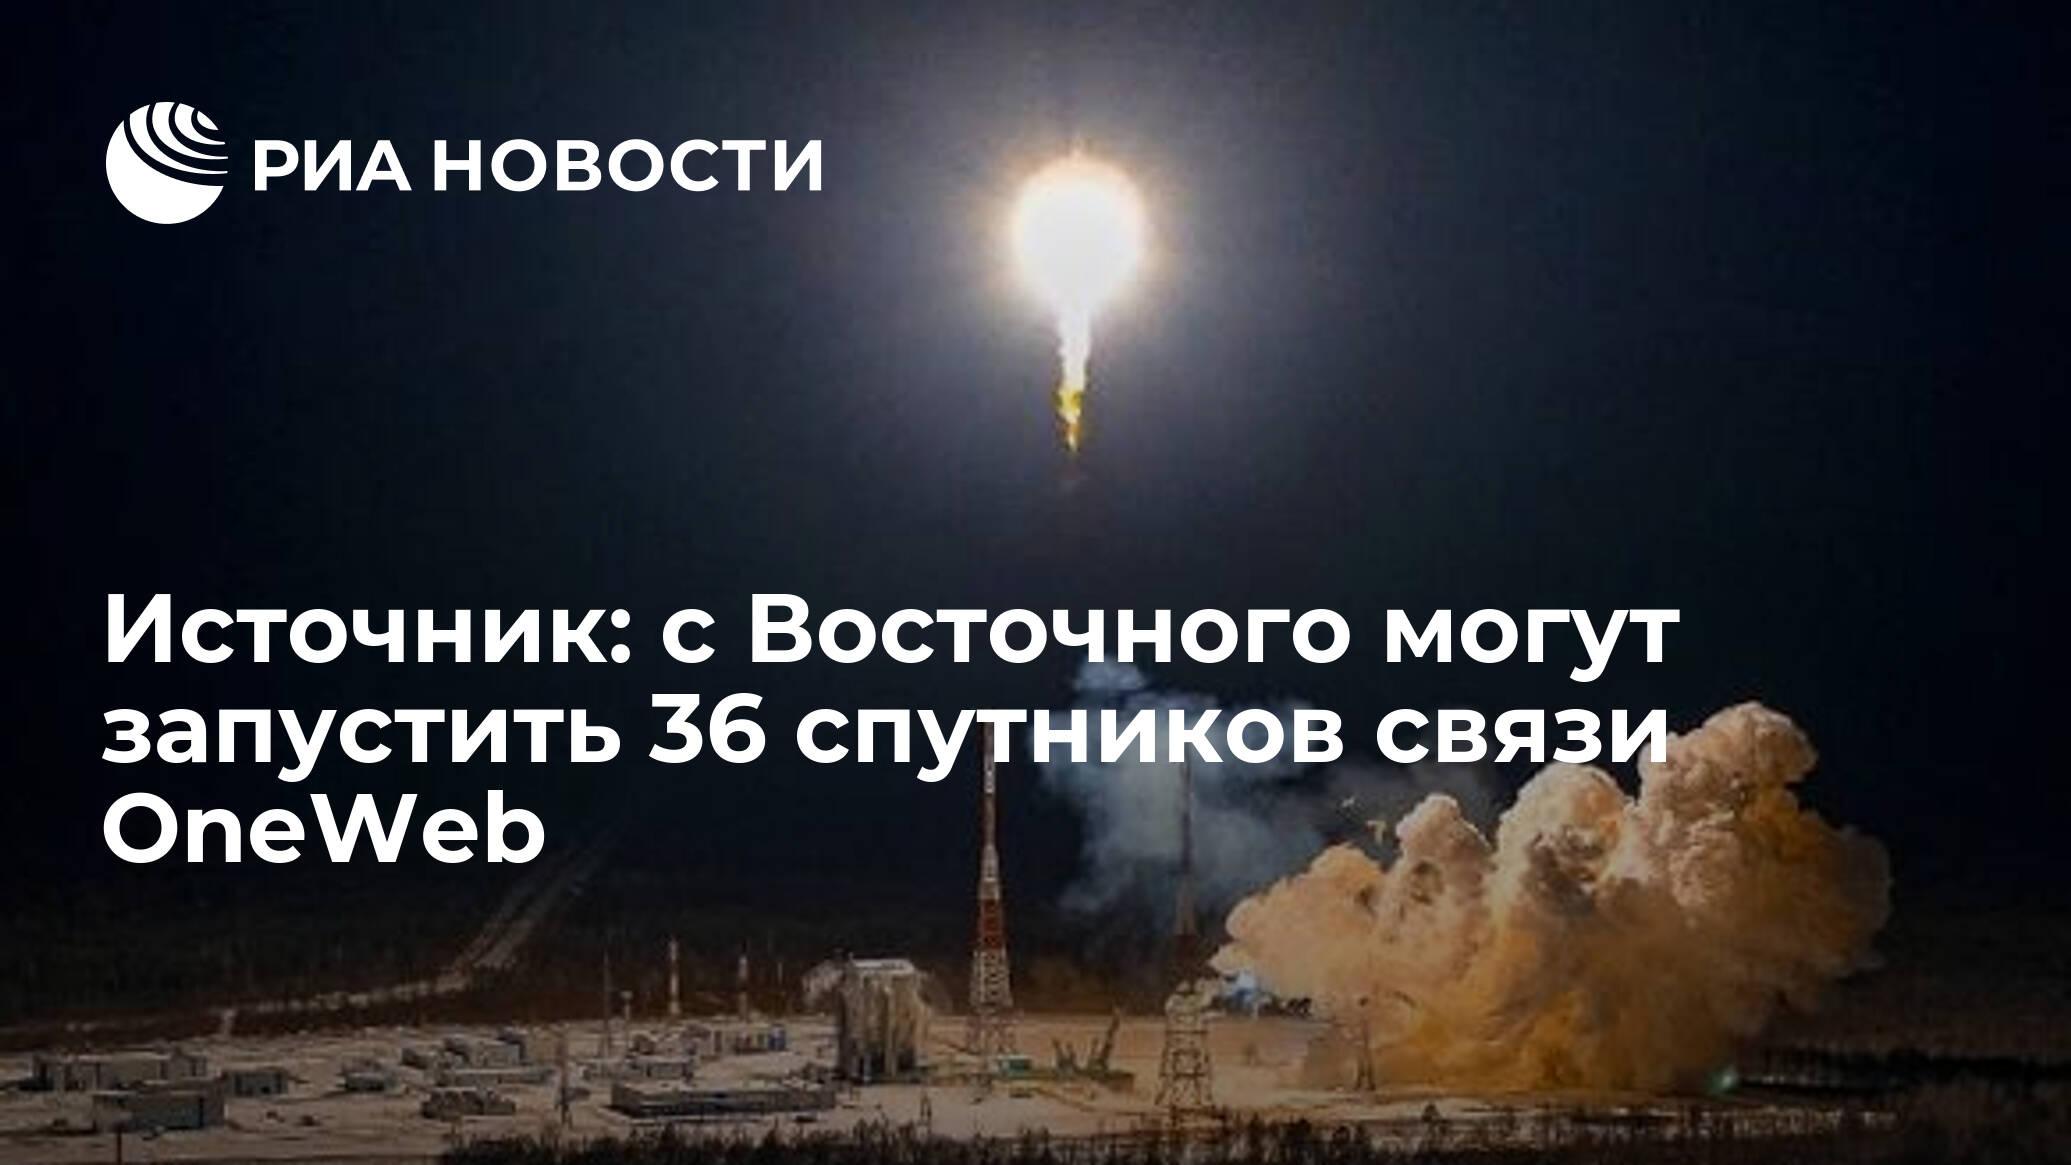 Источник: с Восточного могут запустить 36 спутников связи OneWeb